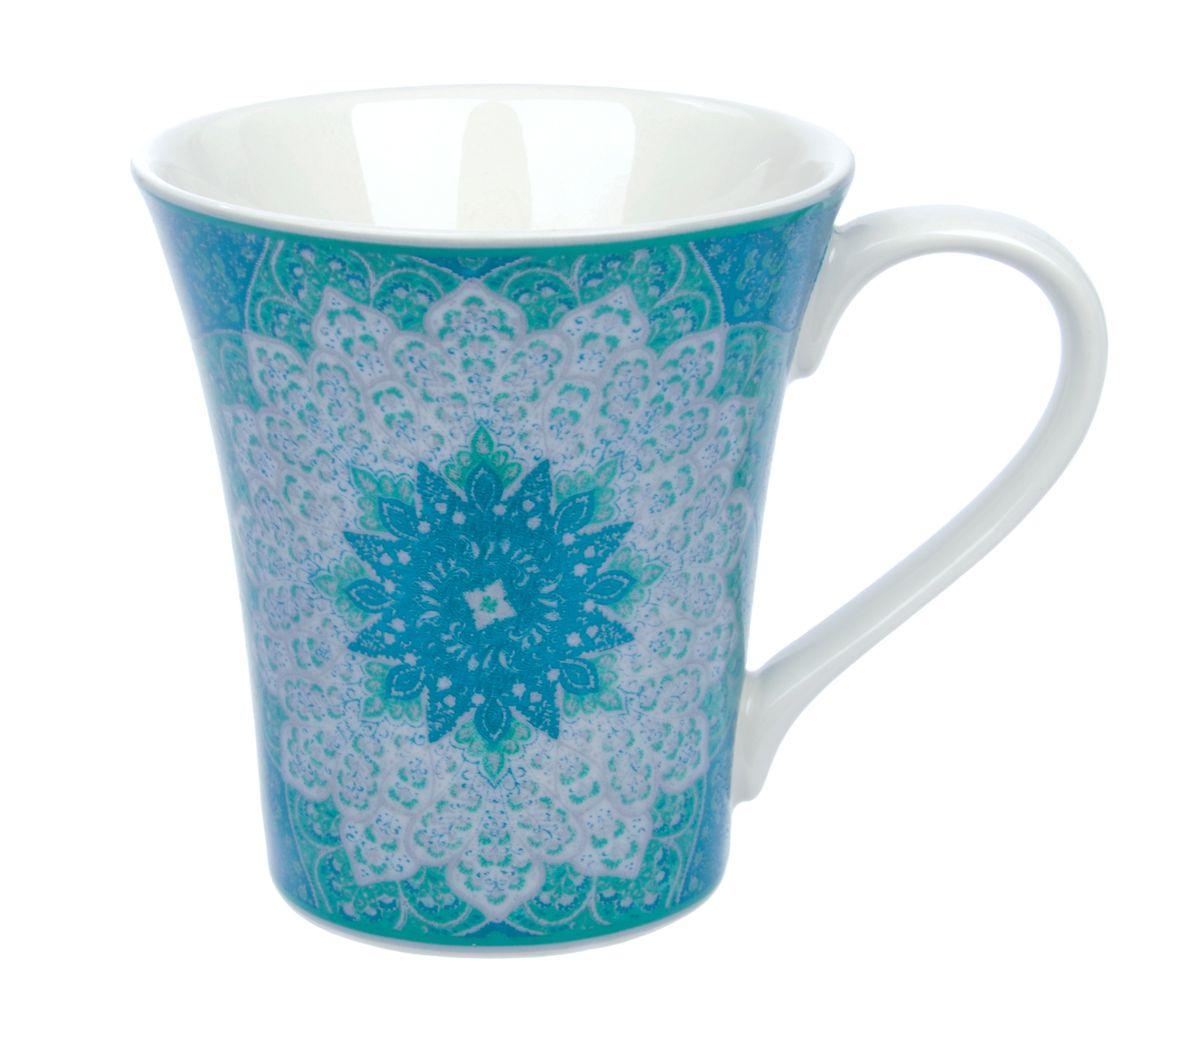 Кружка Kashan Green, 330 млFS-91909Кружка Kashan Green изготовлена из высококачественной керамики. Внешние стенки изделия оформлены красочным цветочным рисунком. Такая кружка прекрасно подойдет для горячих и холодных напитков. Она дополнит коллекцию вашей кухонной посуды и будет служить долгие годы. Можно использовать в посудомоечной машине и СВЧ. Объем кружки: 330 мл. Диаметр кружки (по верхнему краю): 9,5 см. Высота стенки кружки: 10,5 см.